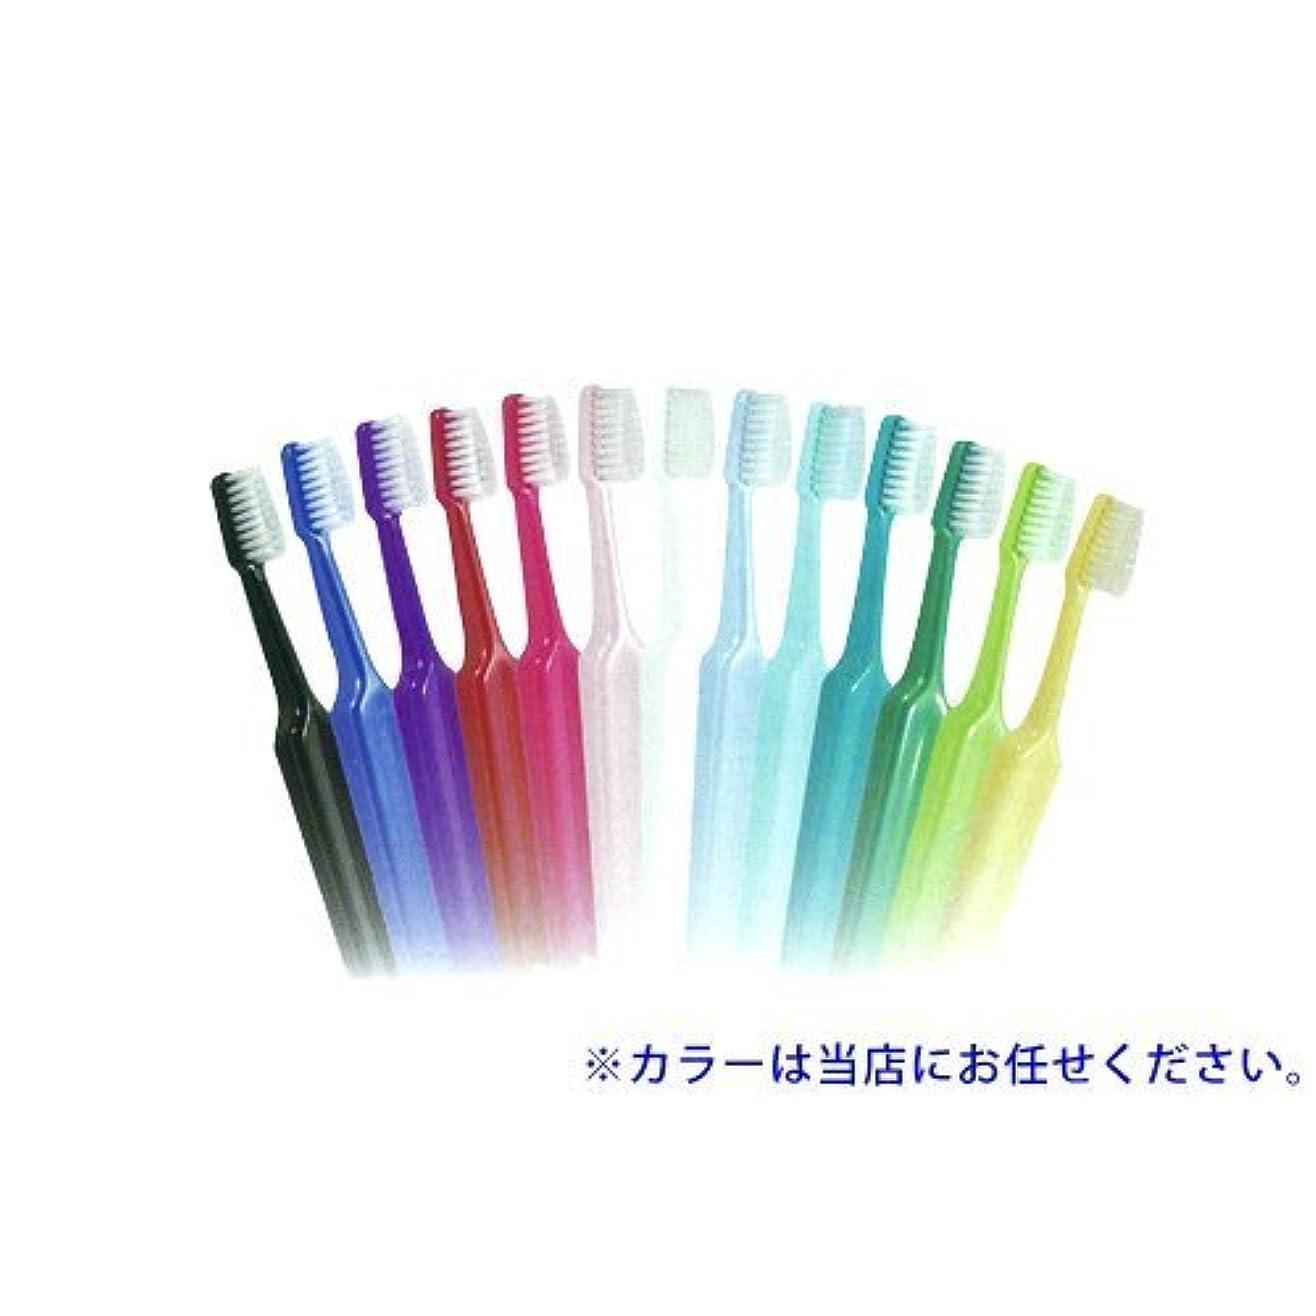 コンデンサーりんご累積Tepe歯ブラシ セレクトミニ/ソフト 25本/箱